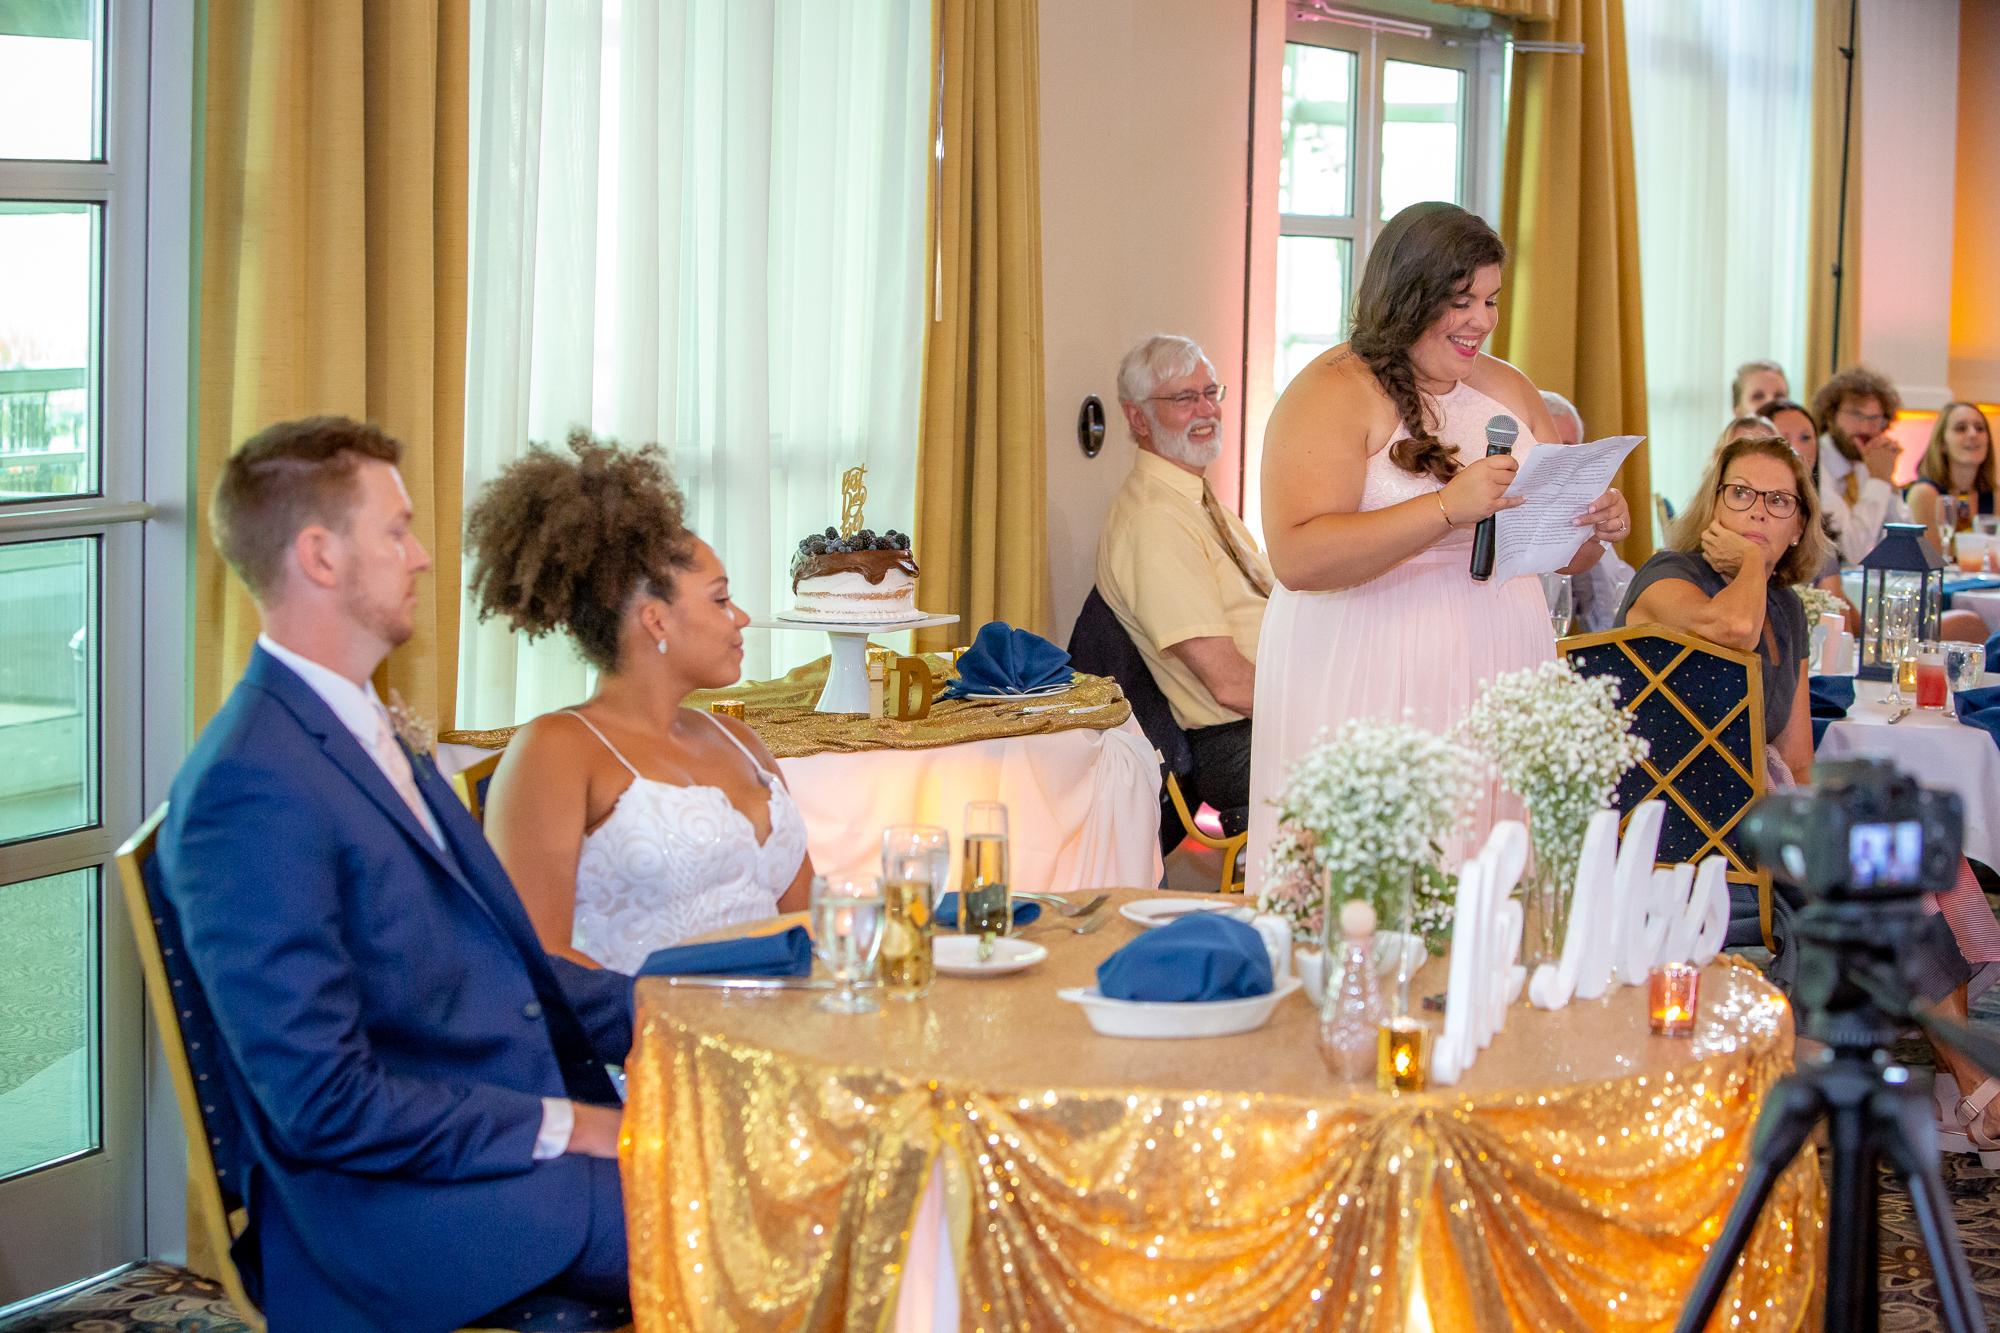 Ramada-Inn-Geneva-NY-Wedding-8472.jpg